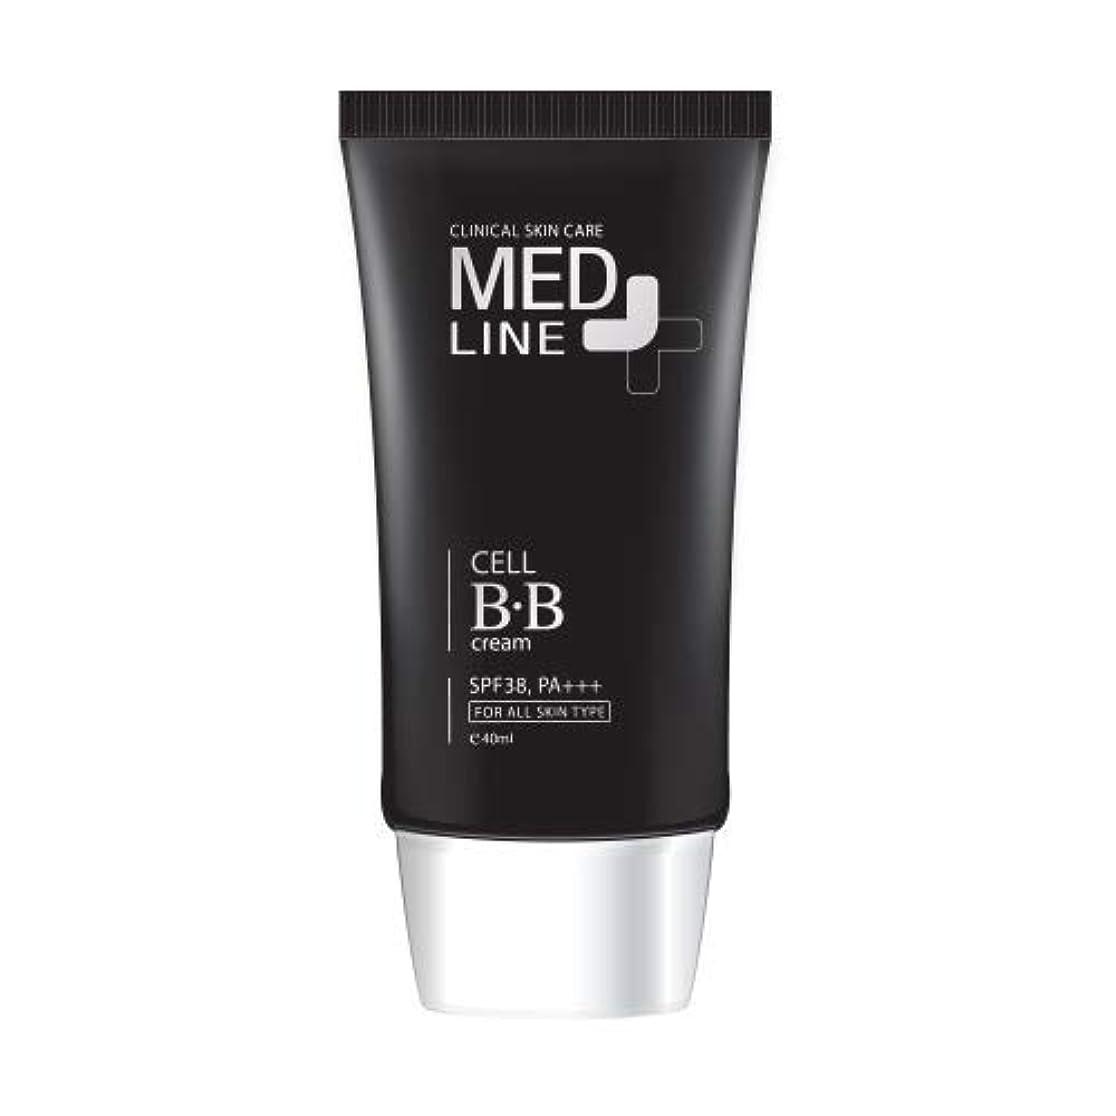 さらに気性ネブメドライン(Med Line) セルBBクリーム(Cell B.B Cream)